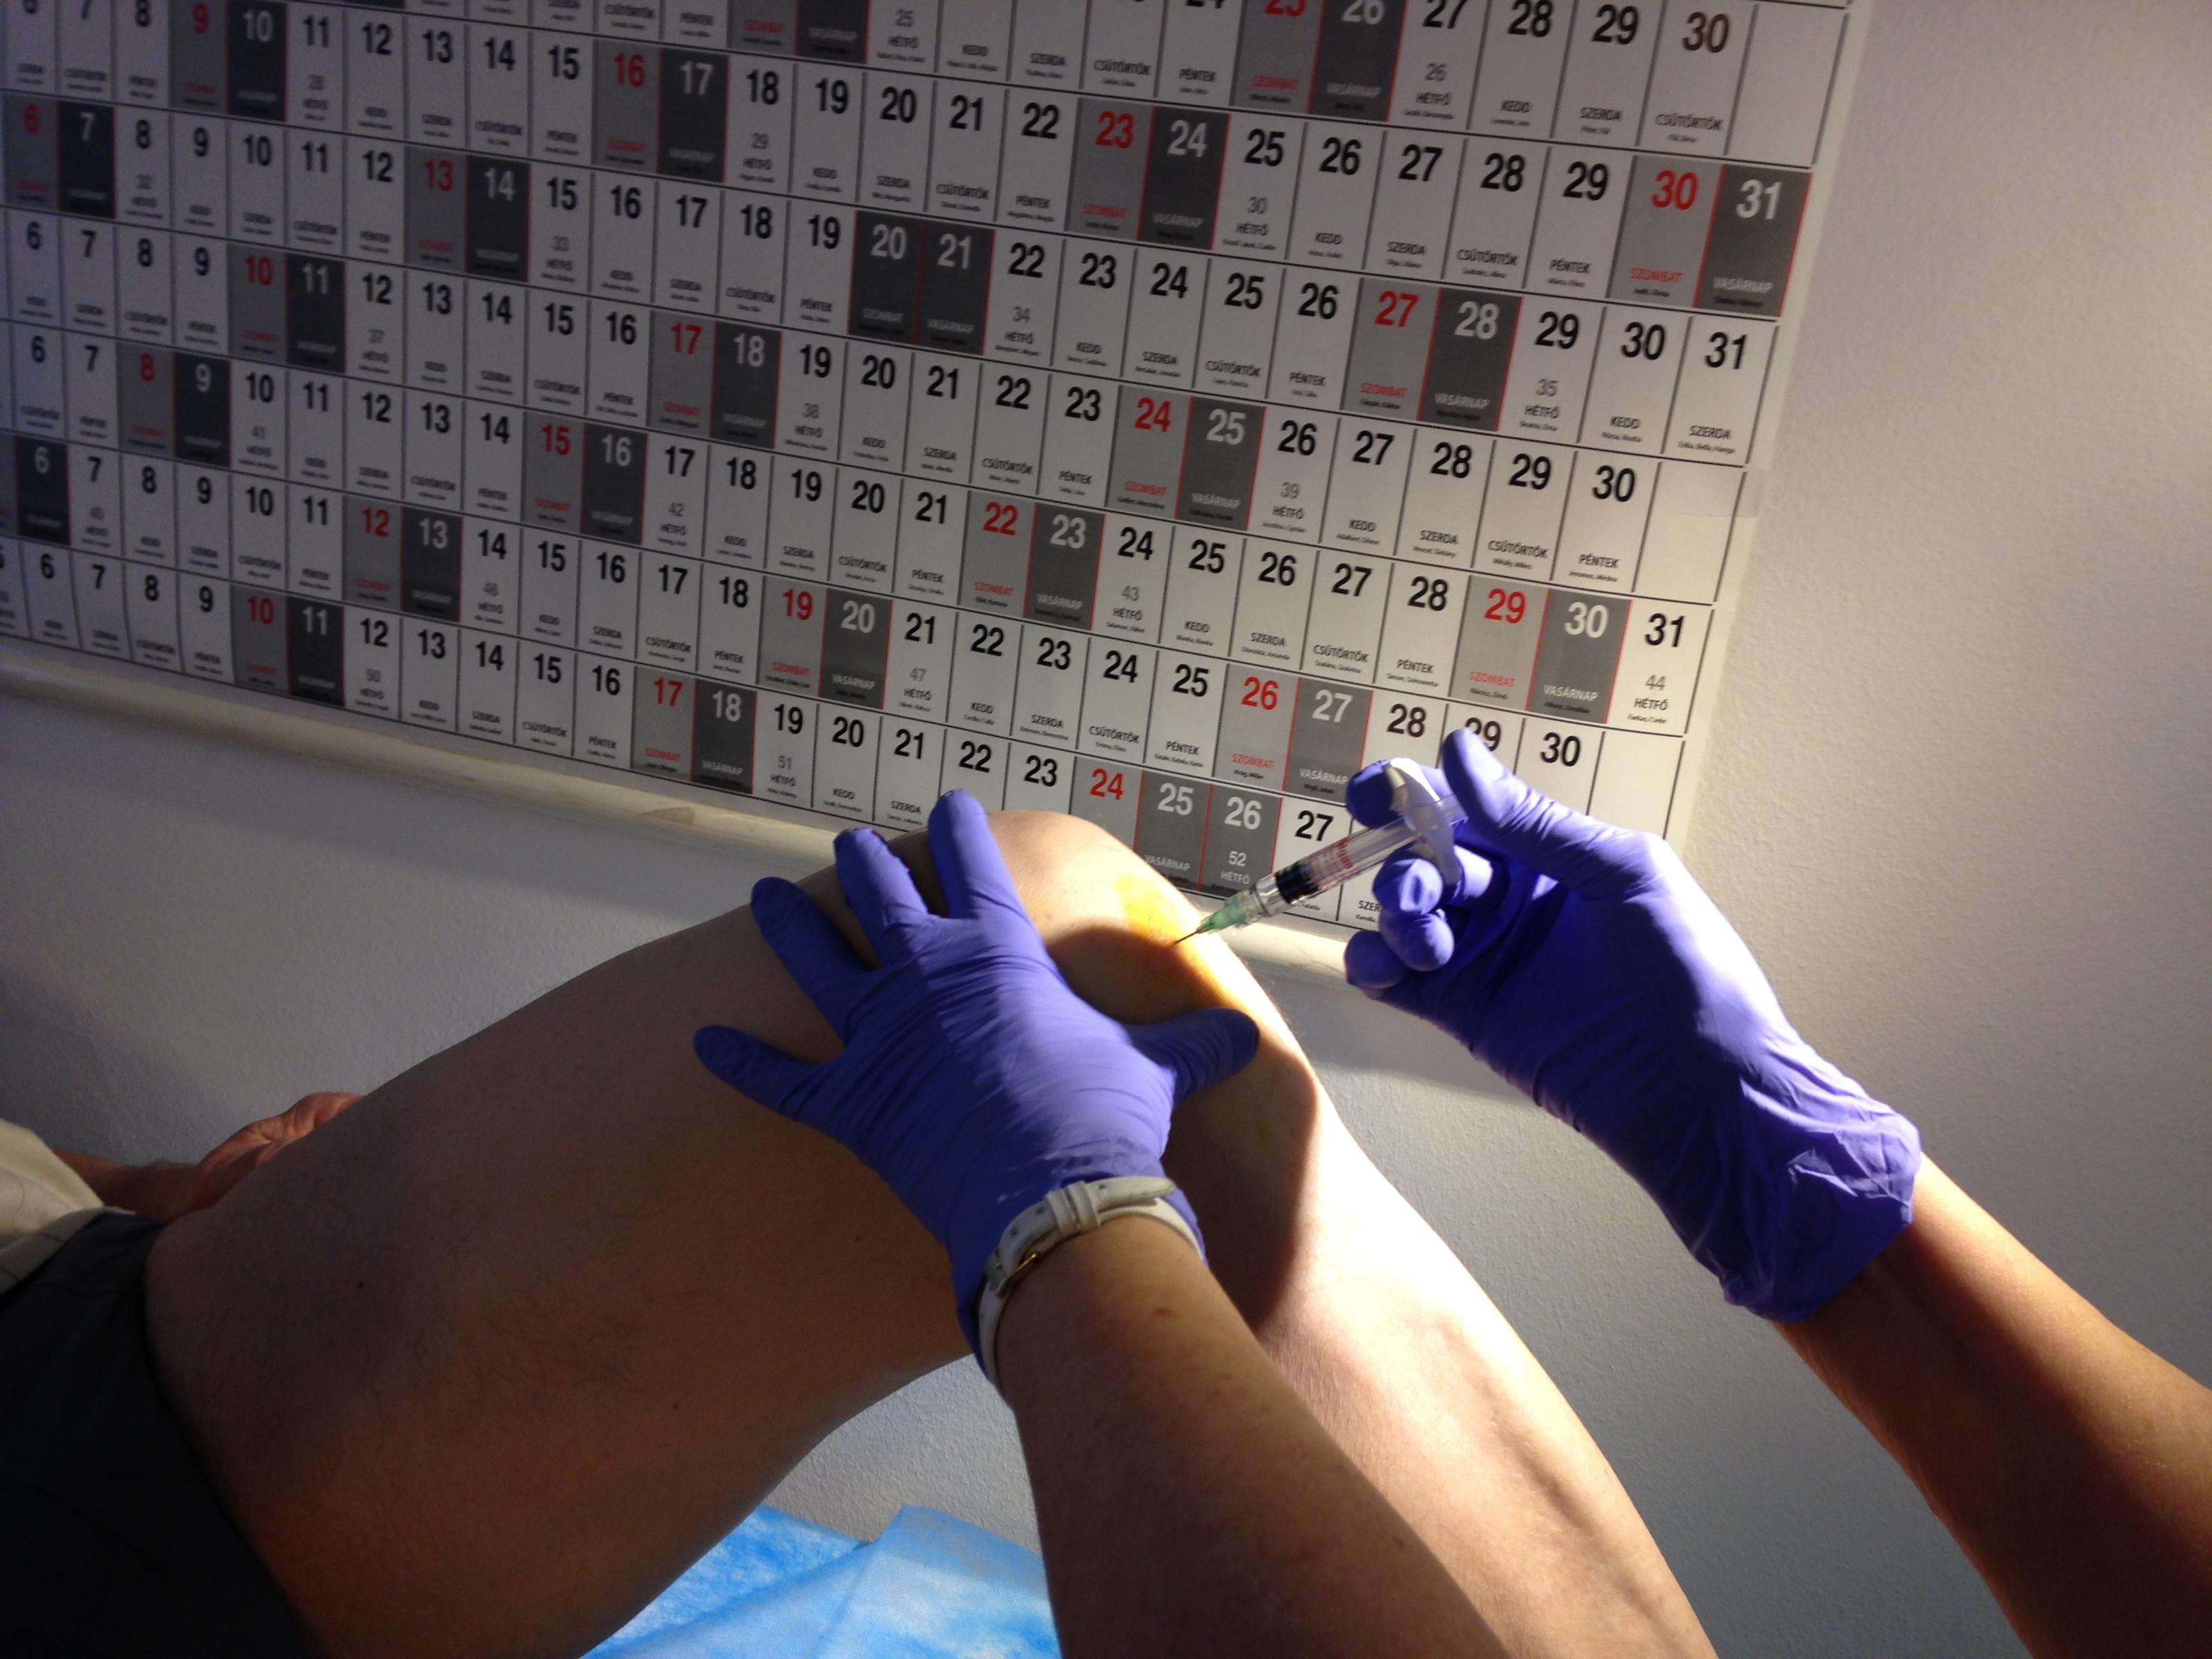 Cartinorm Injekcio